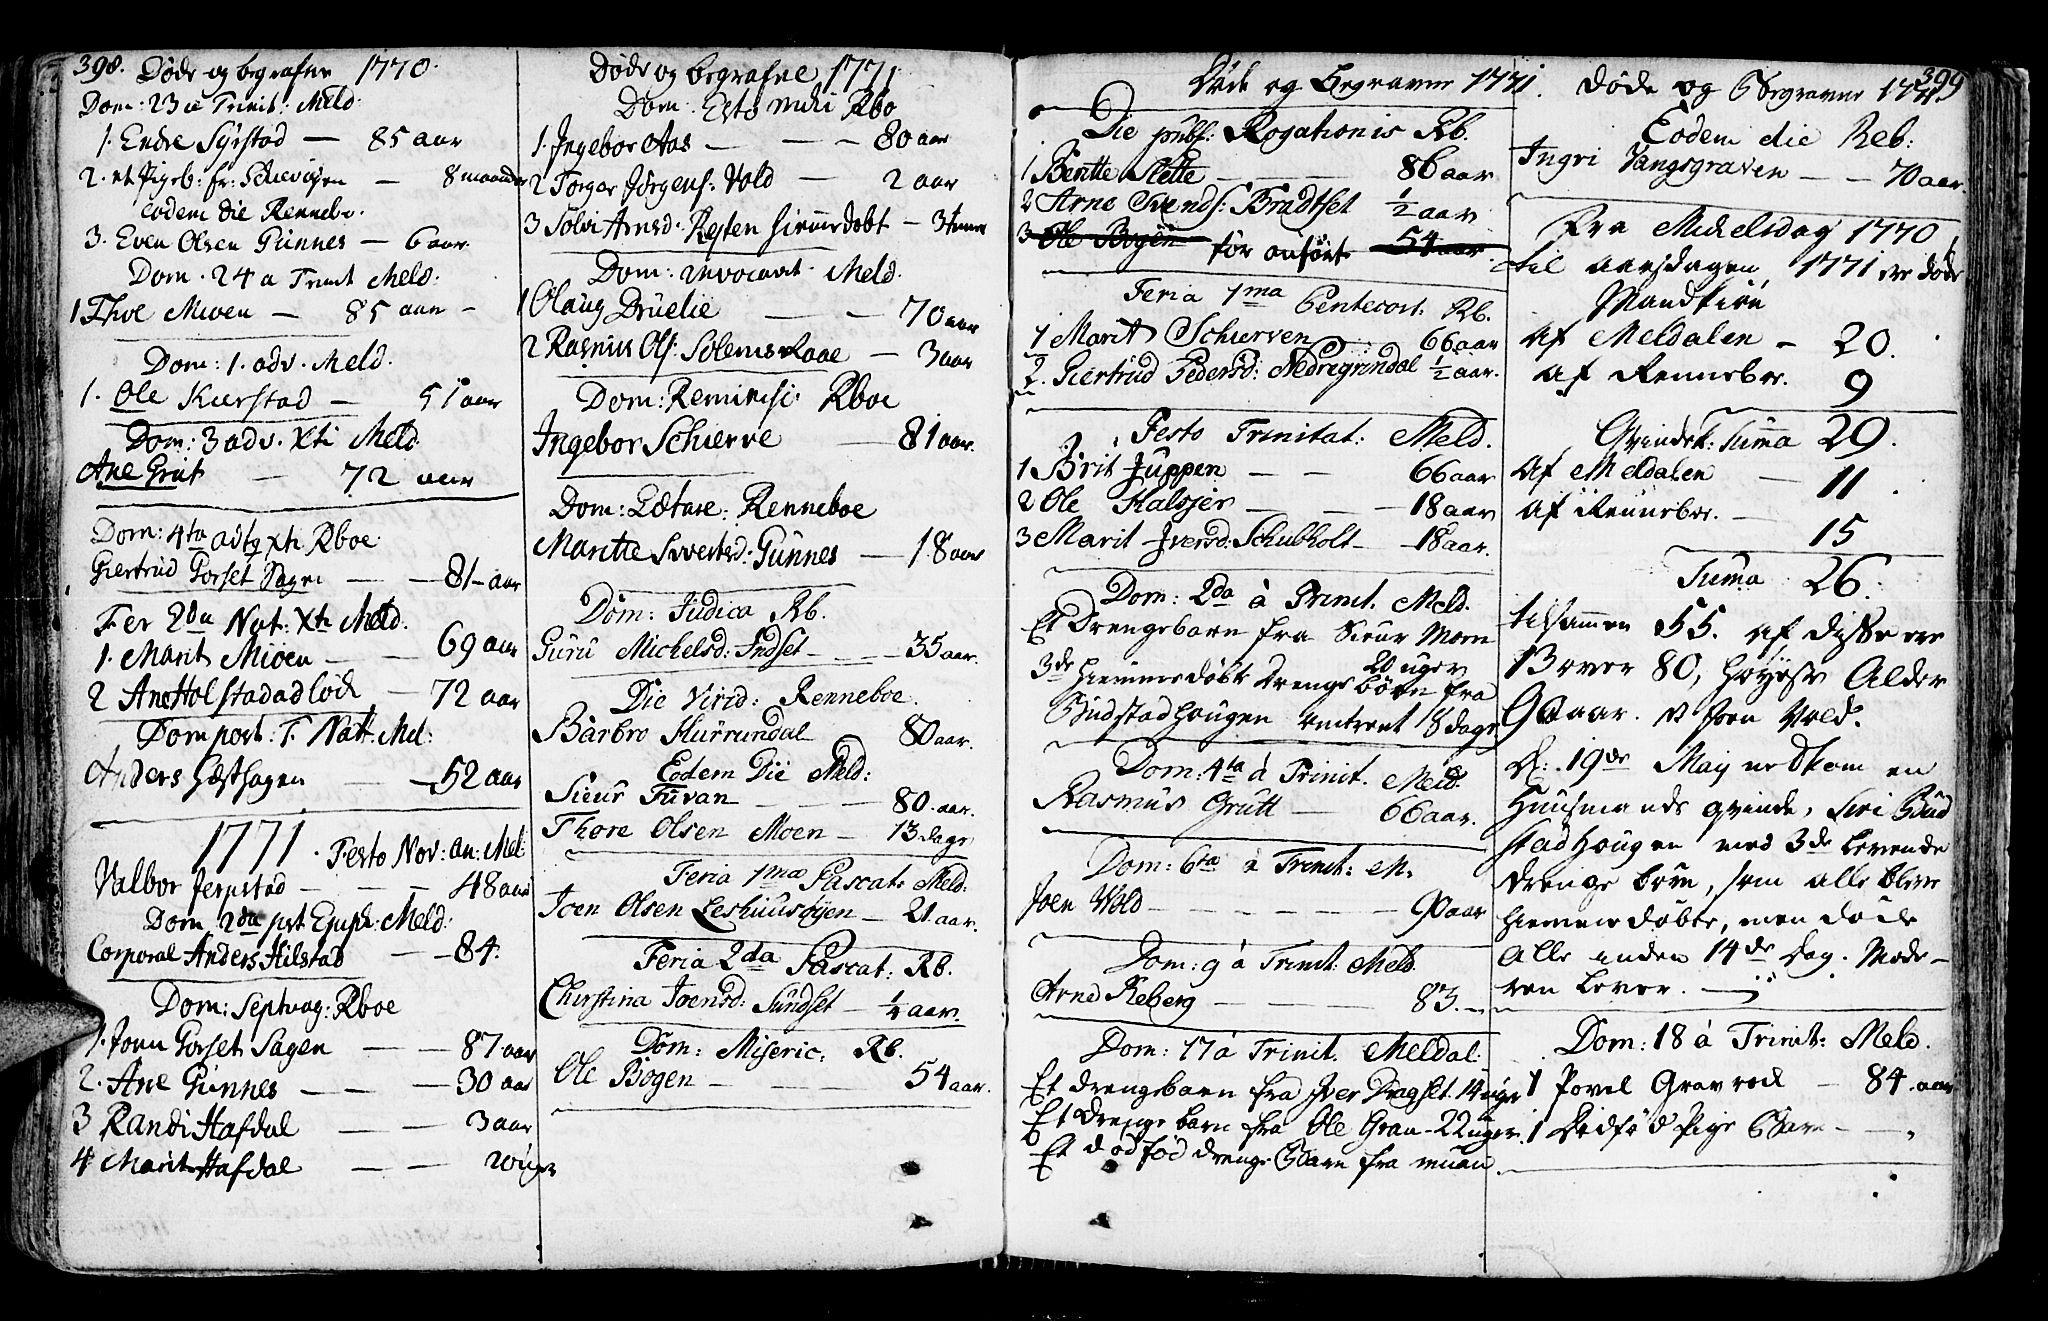 SAT, Ministerialprotokoller, klokkerbøker og fødselsregistre - Sør-Trøndelag, 672/L0851: Ministerialbok nr. 672A04, 1751-1775, s. 398-399